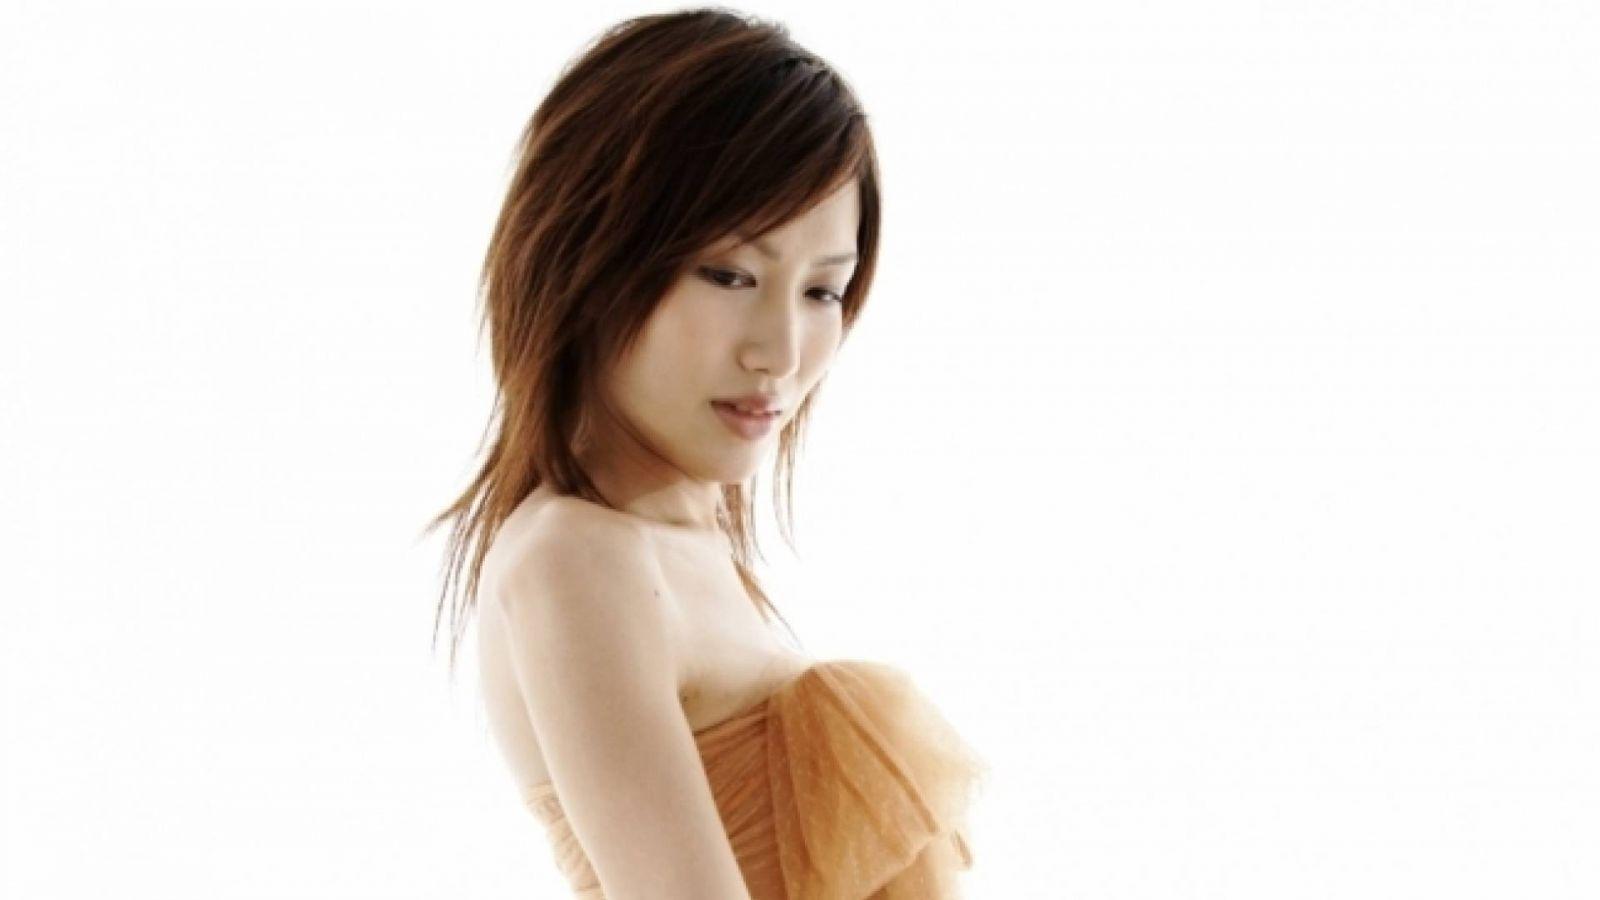 Nakamura Ataru © Avex Entertainment Inc.